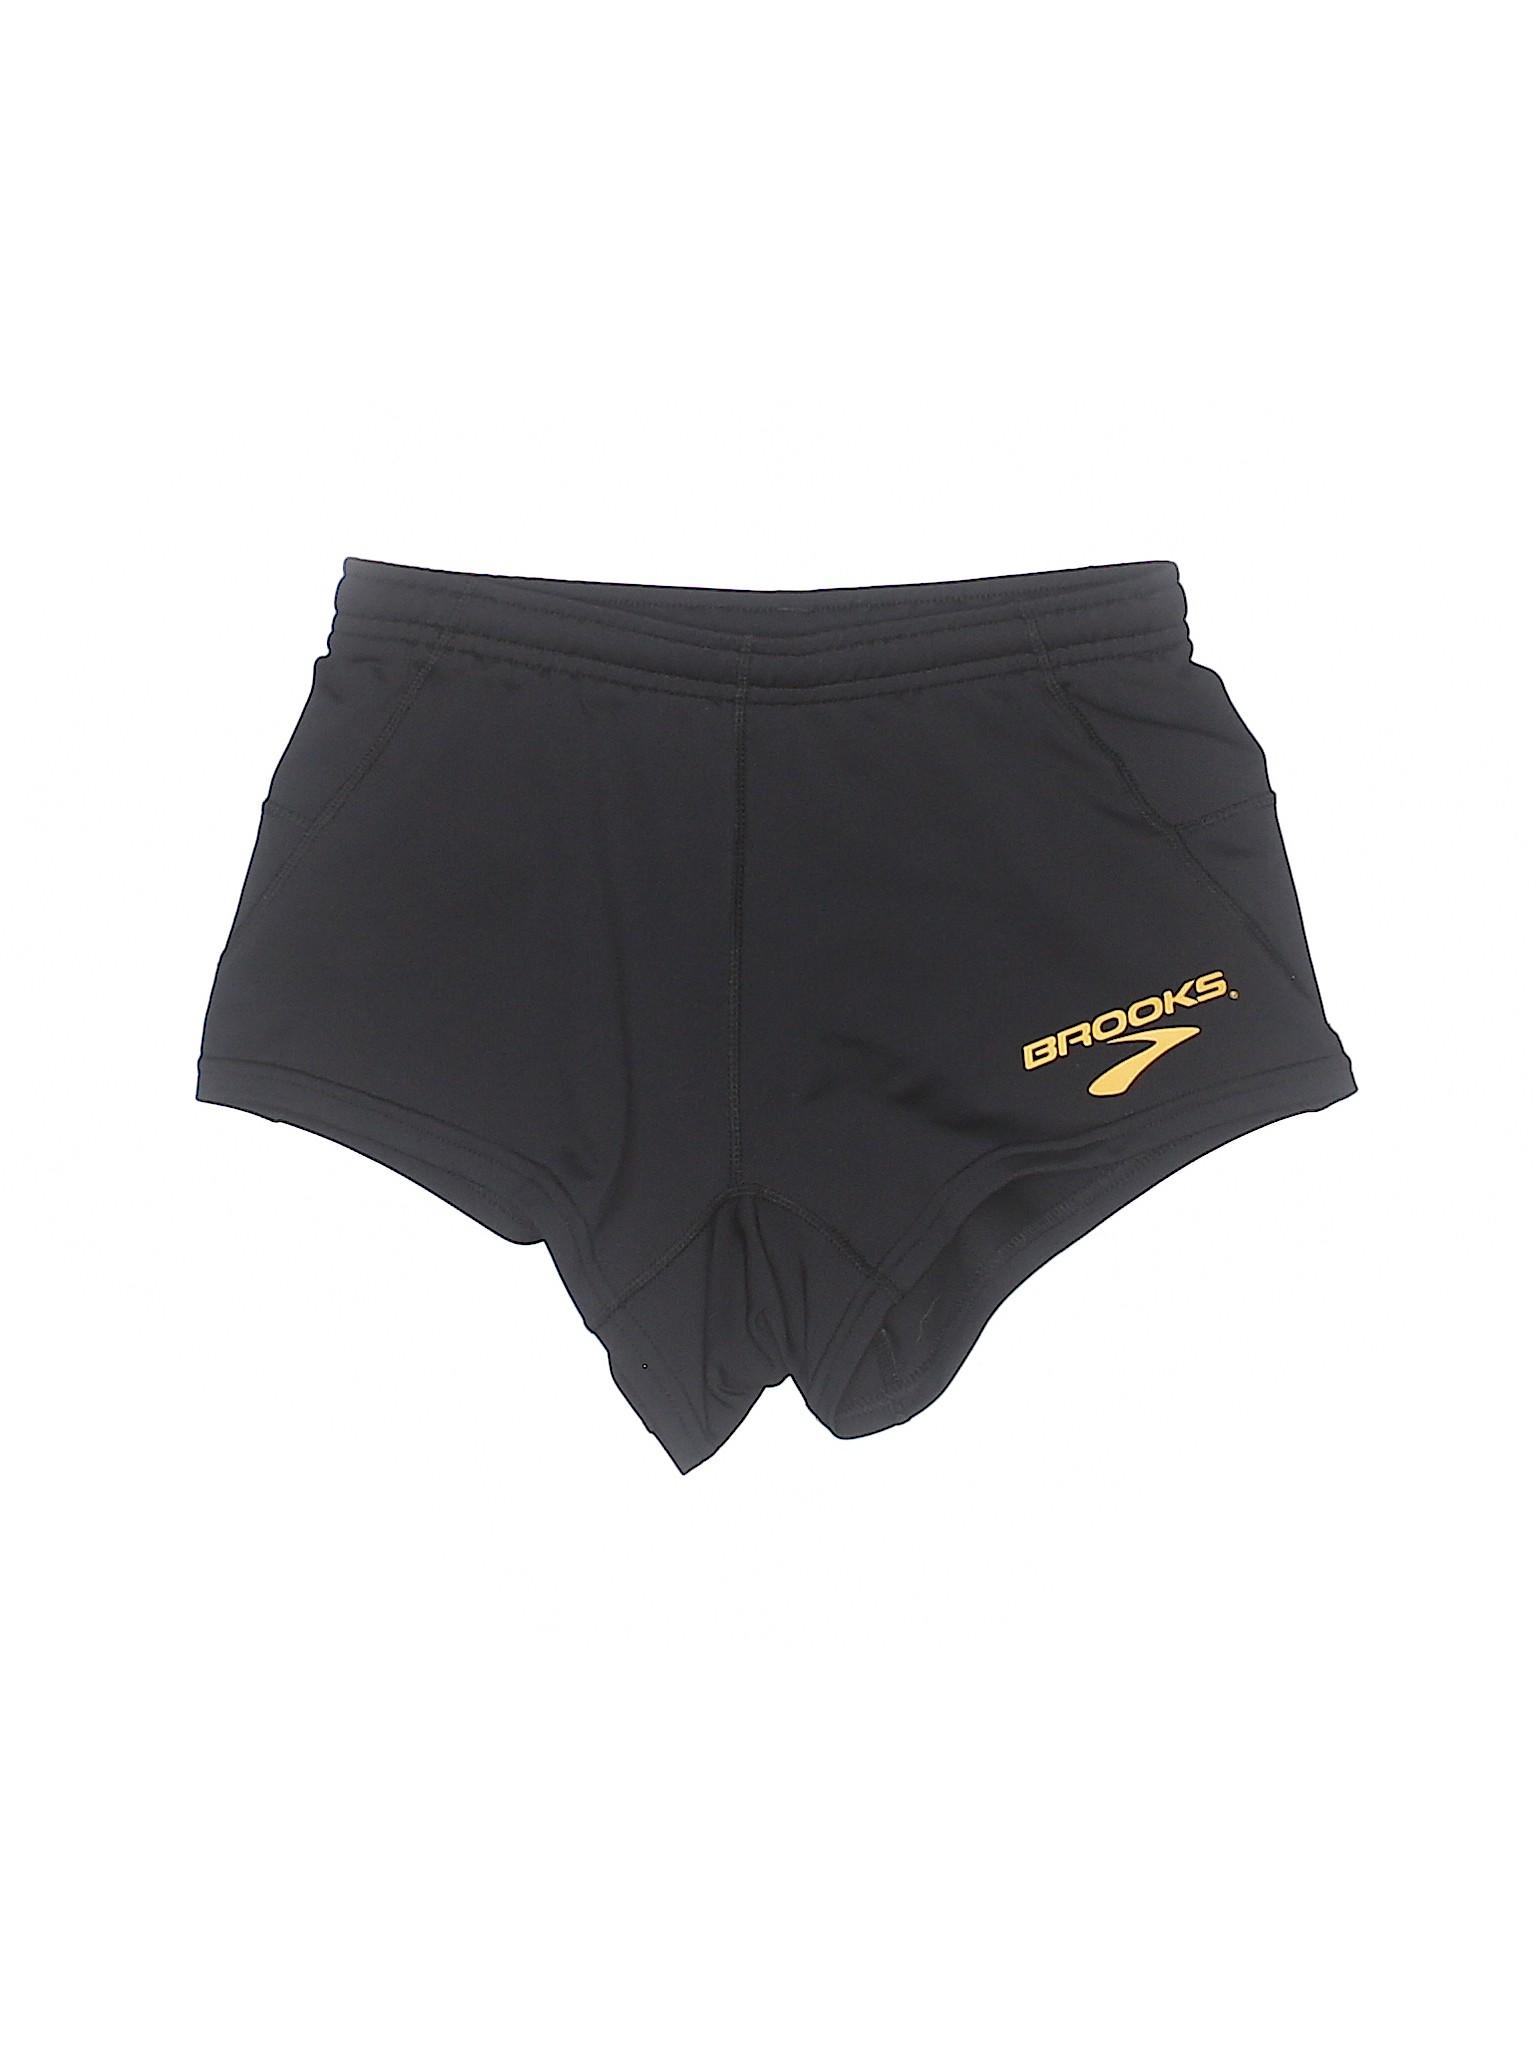 Brooks Boutique Brooks Brooks Athletic Boutique Boutique Shorts Athletic Shorts 6XxnCUgEx